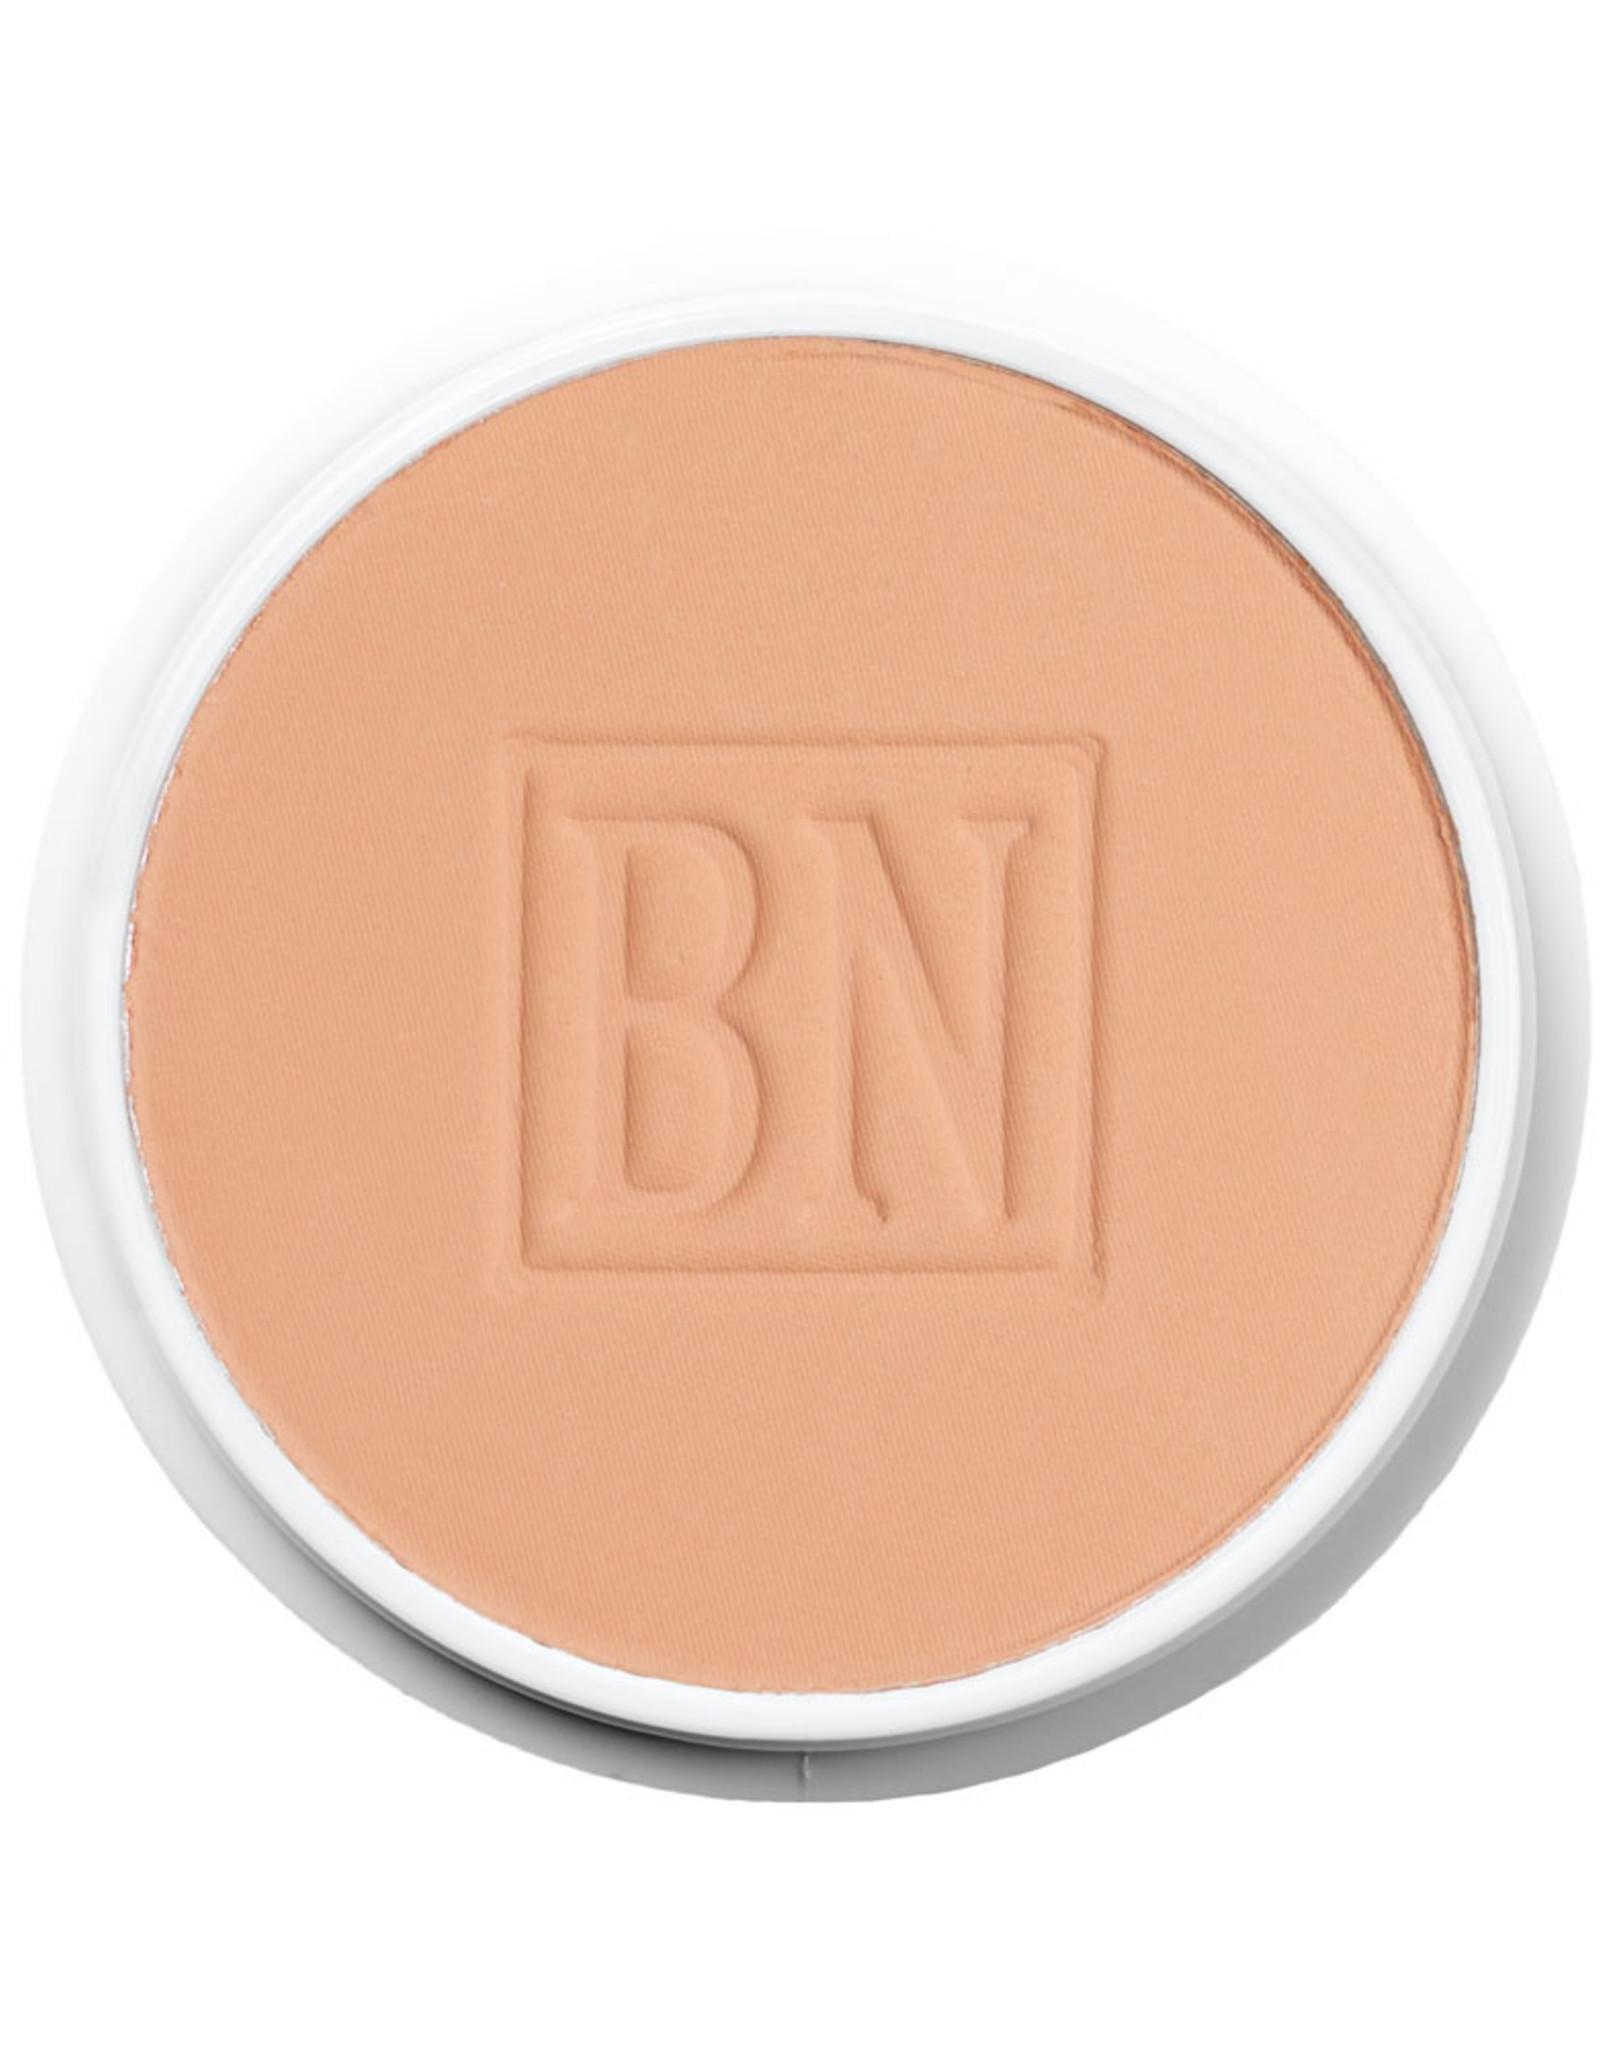 Ben Nye FOUNDATION-CAKE, NAT NO.2, 1 OZ